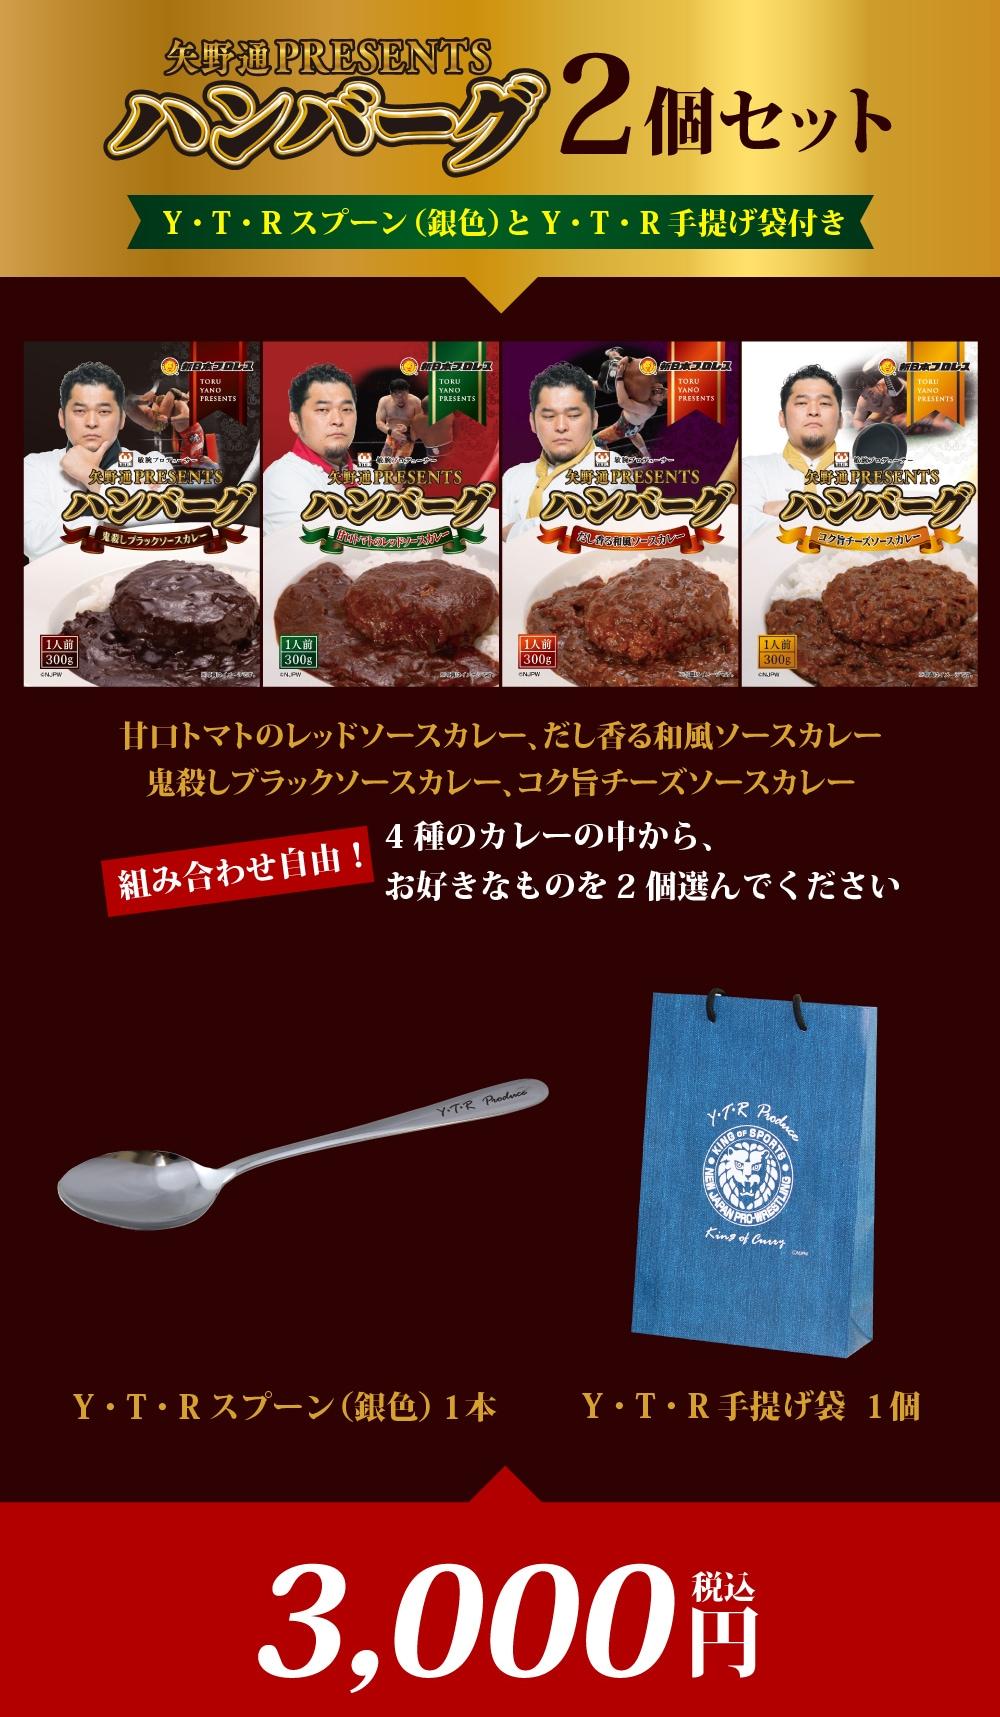 矢野通PresentsハンバーグカレーWeb限定先行販売開始